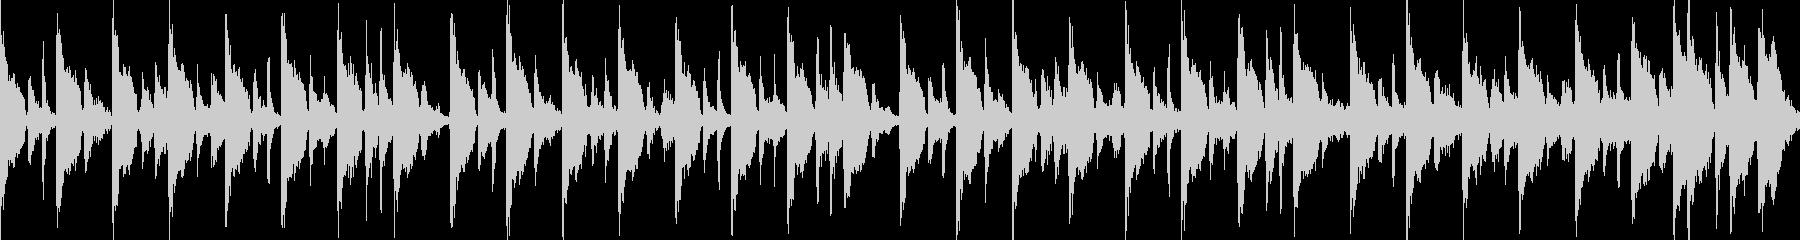 (loop)かけ足ハウスの未再生の波形